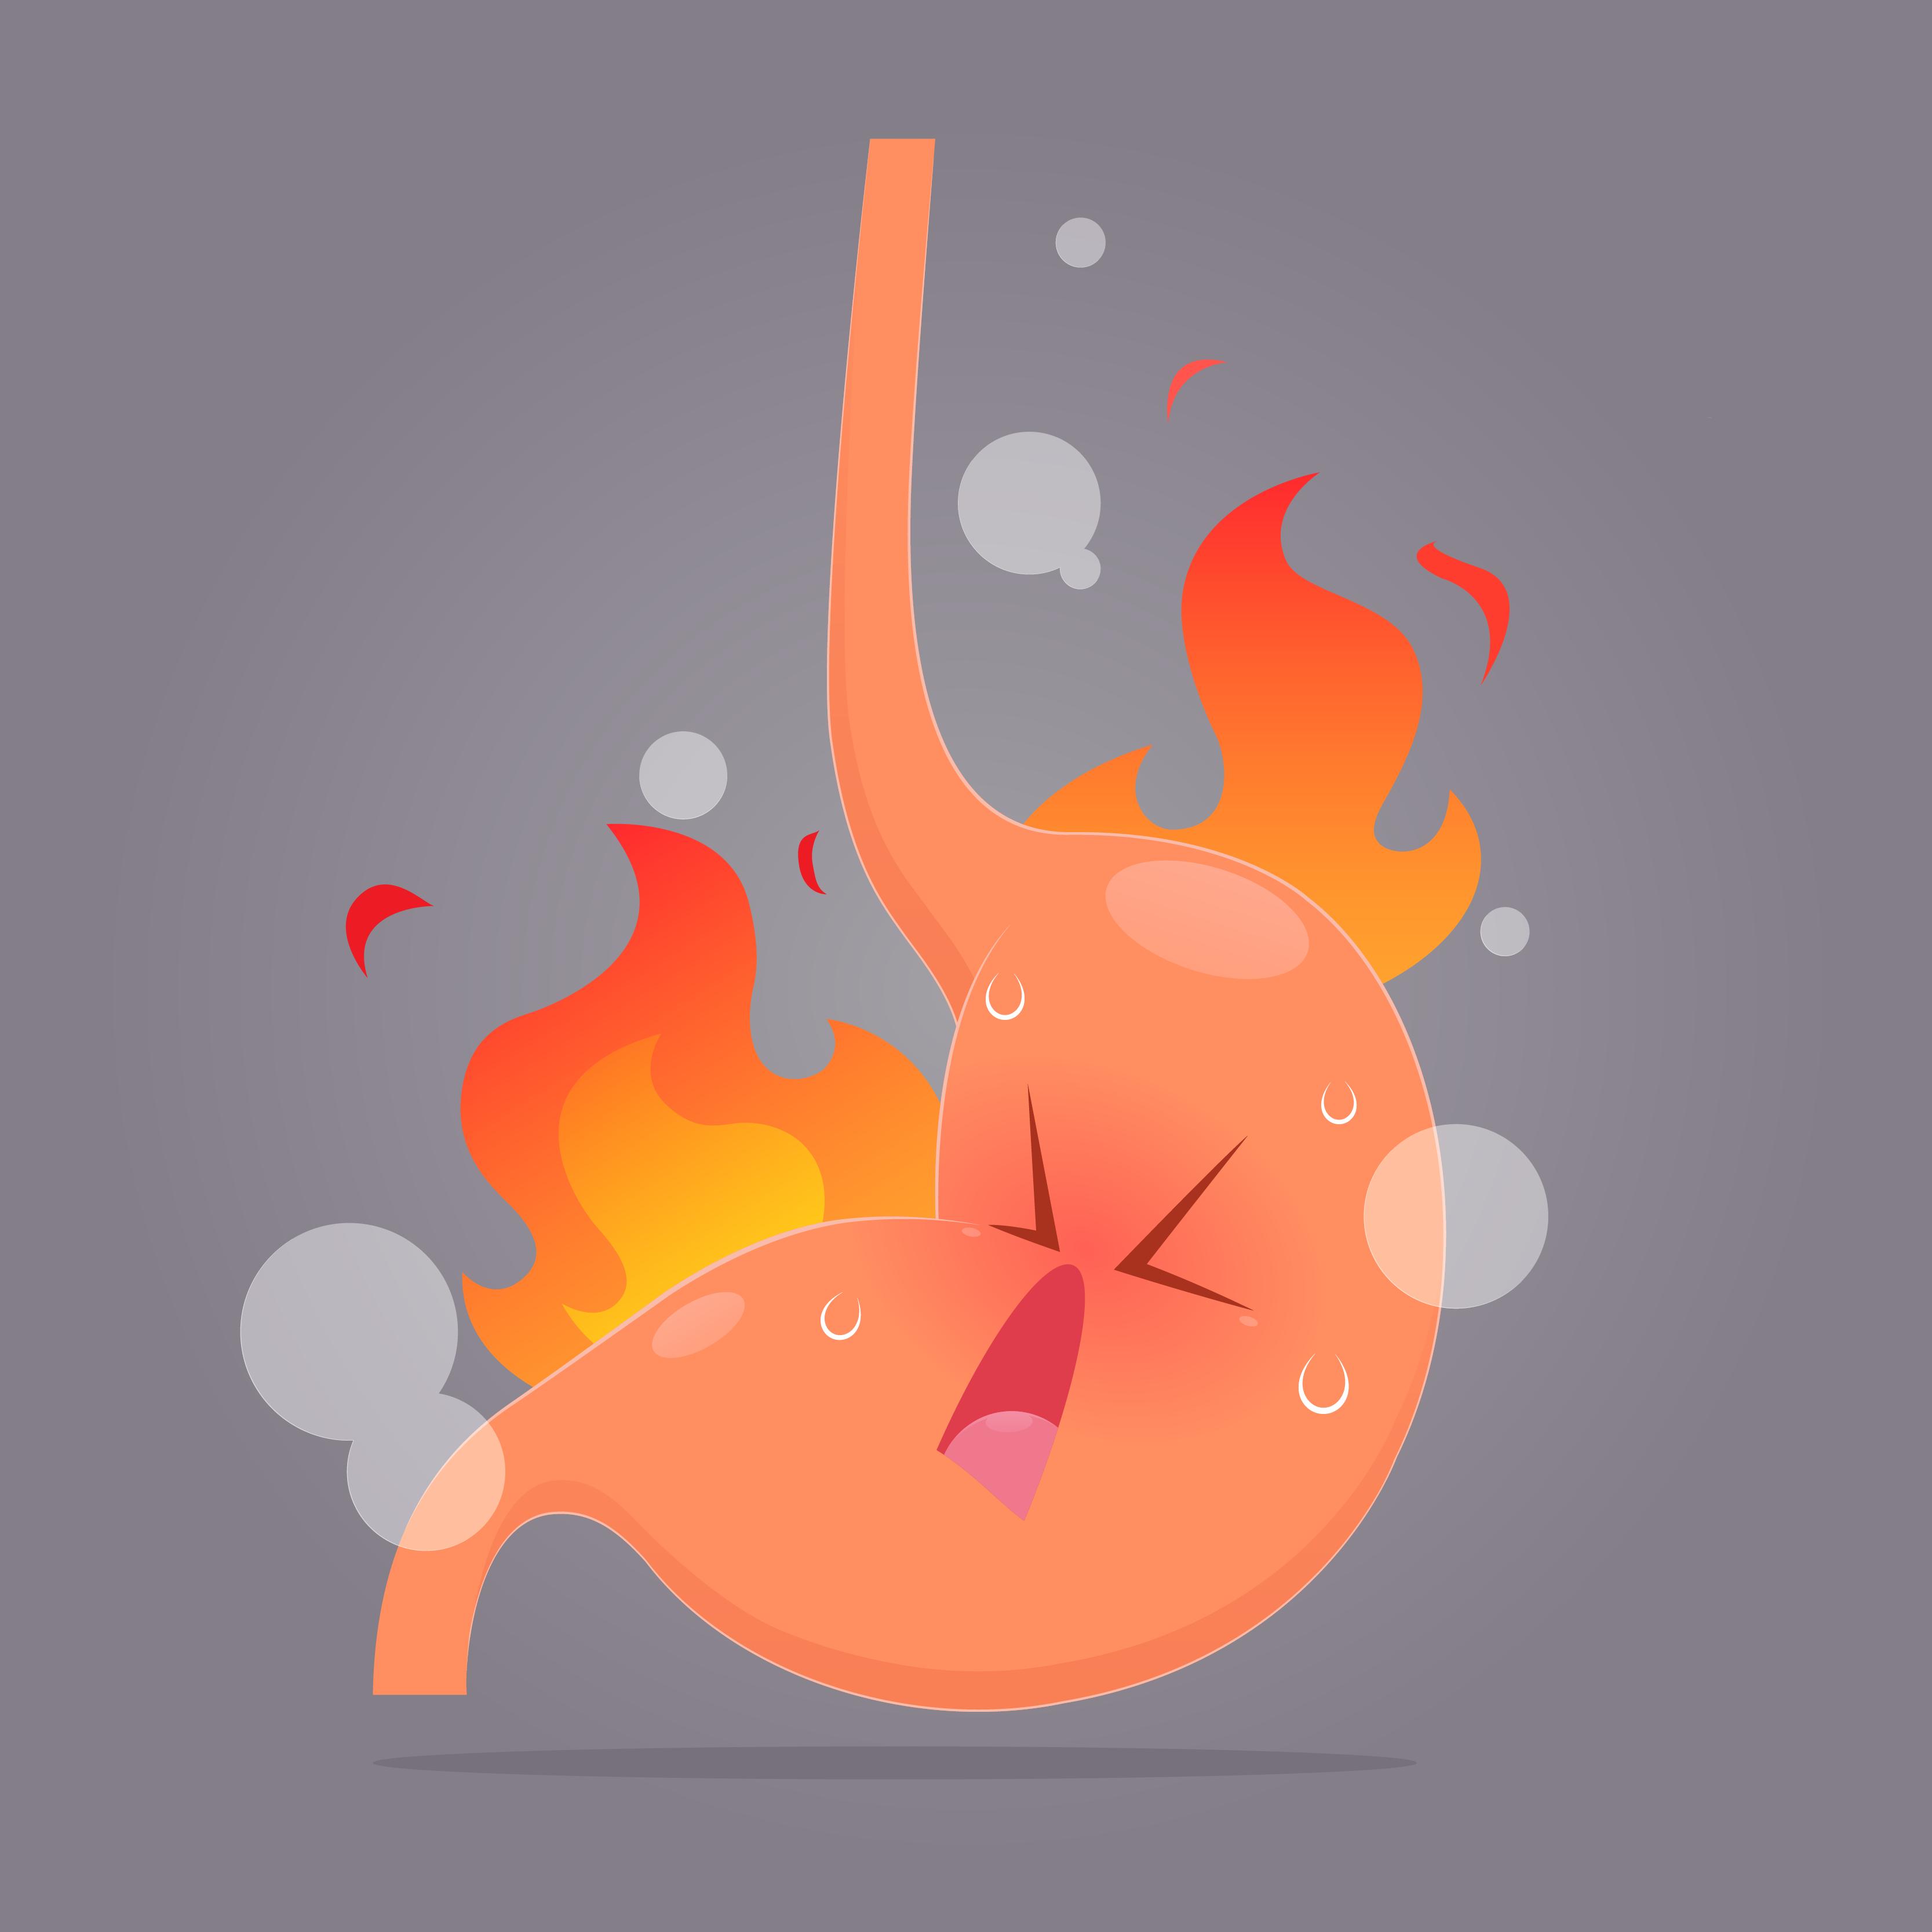 Изменение концентрации соляной кислоты в желудке приводит к гастриту